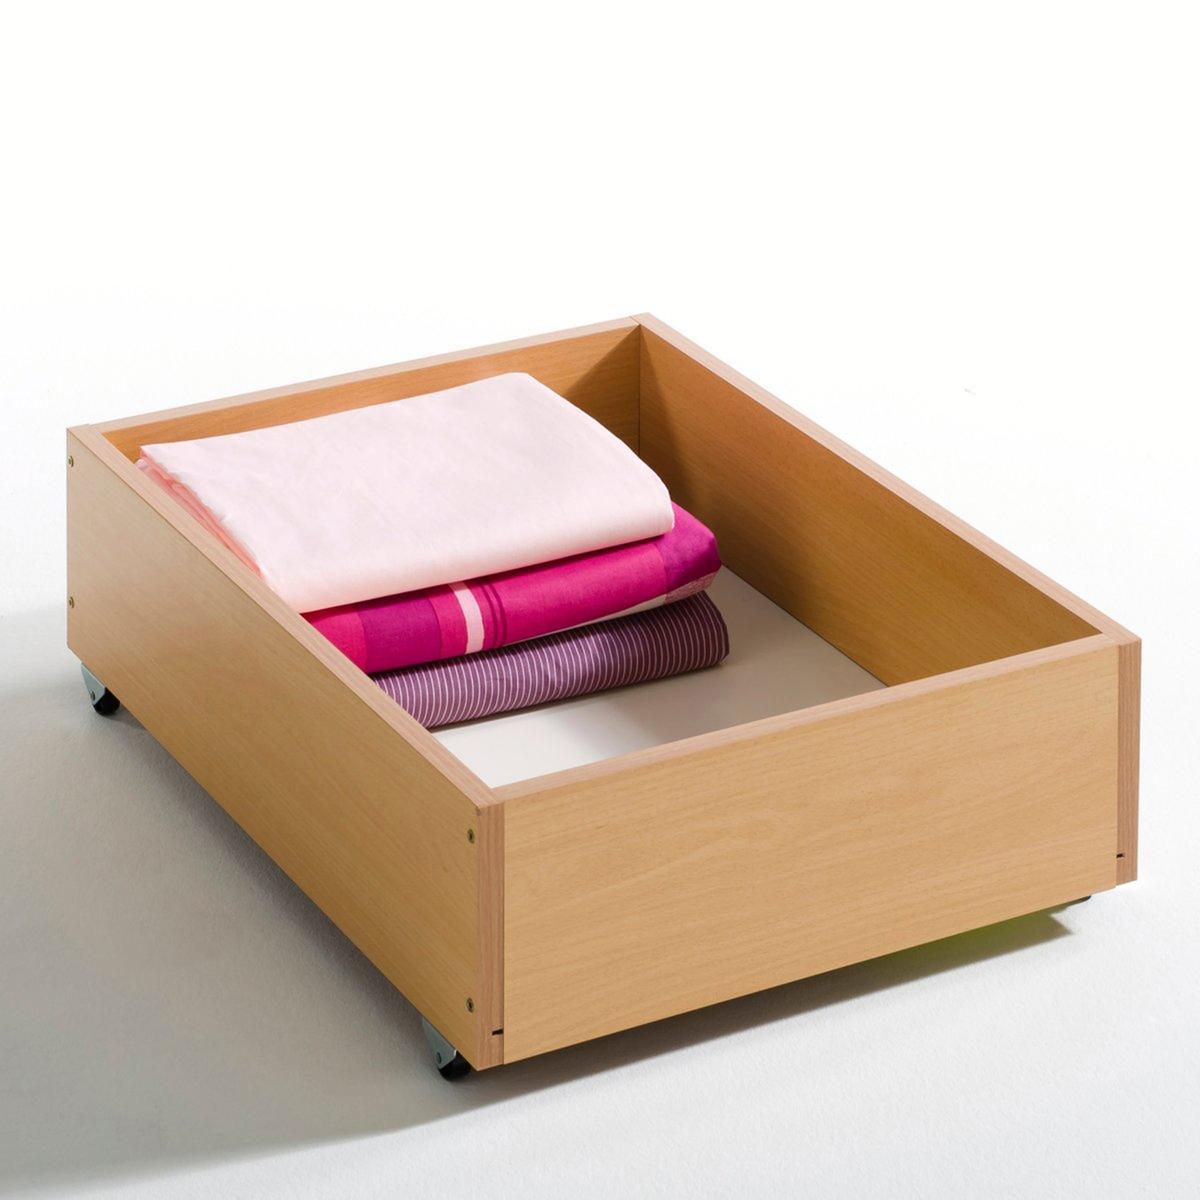 Ящик для хранения BZ из бука, 90 смЯщик для хранения BZ из бука, 90 см : специально создан для удобного хранения под диваном BZ и экипирован колесами. Сделано в Европе.Размеры ящика для хранения под диваном BZ :Высота : 13 смГлубина : 56 см.Ширина внутри : 41 смОписание ящика для хранения под диваном BZ :специально создан для удобного хранения под диваном BZ и экипирован колесами.Характеристики ящика для хранения под диваном BZ :Выполнен из ДСП.Другие модели коллекции BZ вы можете найти на сайте laredoute.ruРазмеры и вес упаковки :1 упаковкаШ.73 x В.3,5 x Г.61 см, 5 кгДоставка:Доставка на этаж по предварительной записи!Внимание!Убедитесь в том, что размеры дверей, лестниц,лифтов позволяют доставить товар в упаковке до квартиры.<br><br>Цвет: светлое дерево бук<br>Размер: единый размер